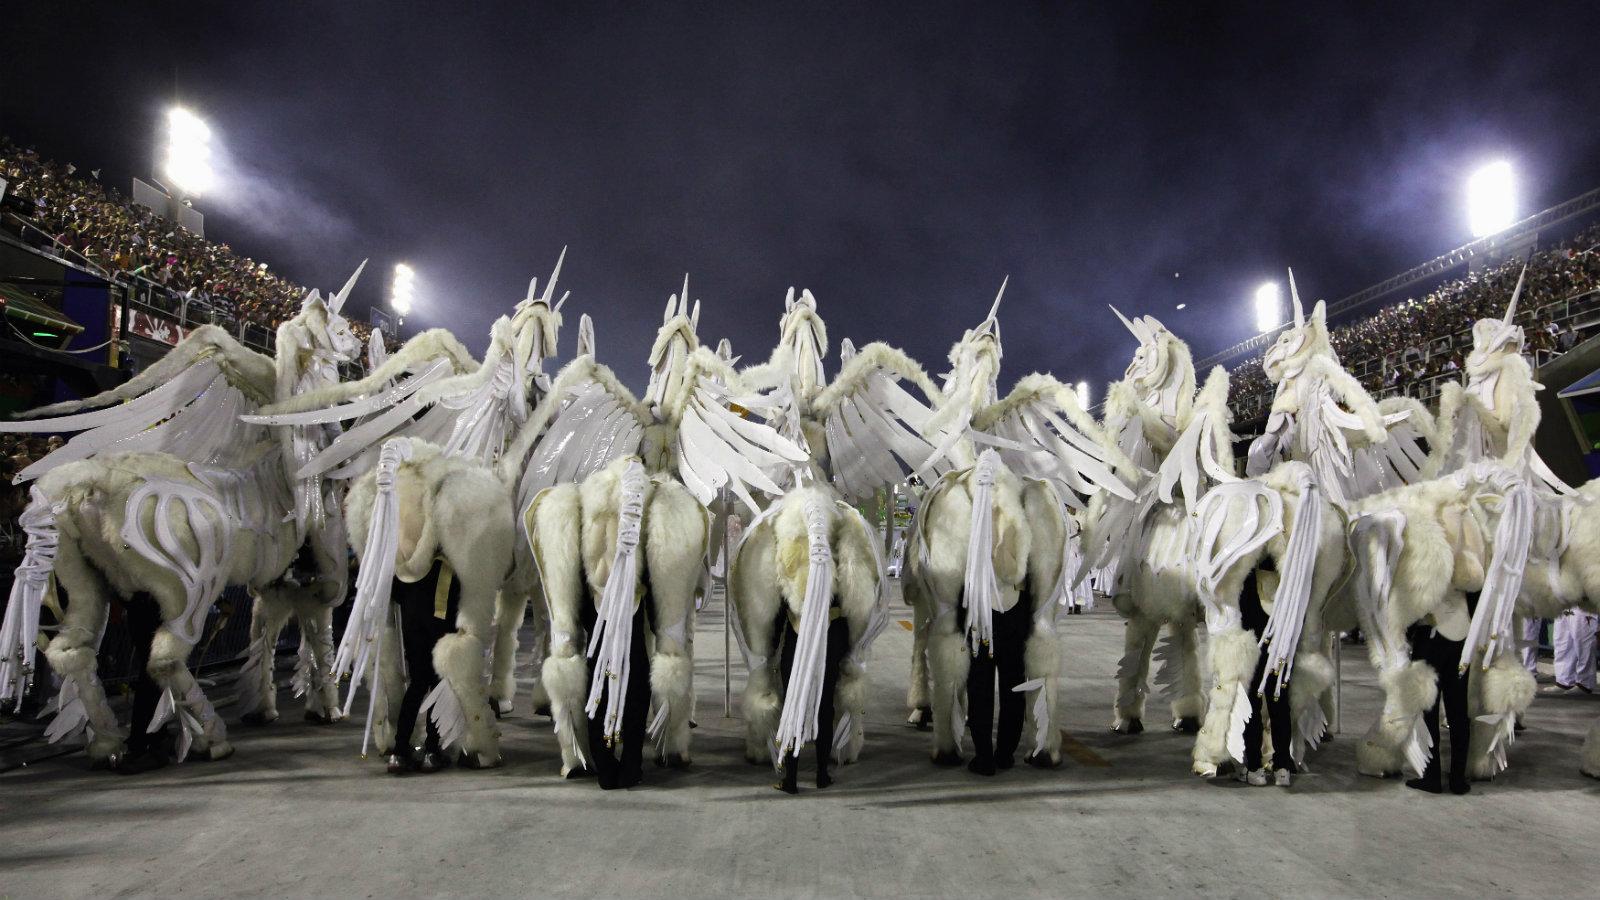 Revellers in unicorn costumes from the Grande Rio samba school participate in the second night of the annual Carnival parade in Rio de Janeiro's Sambadrome February 21, 2012.